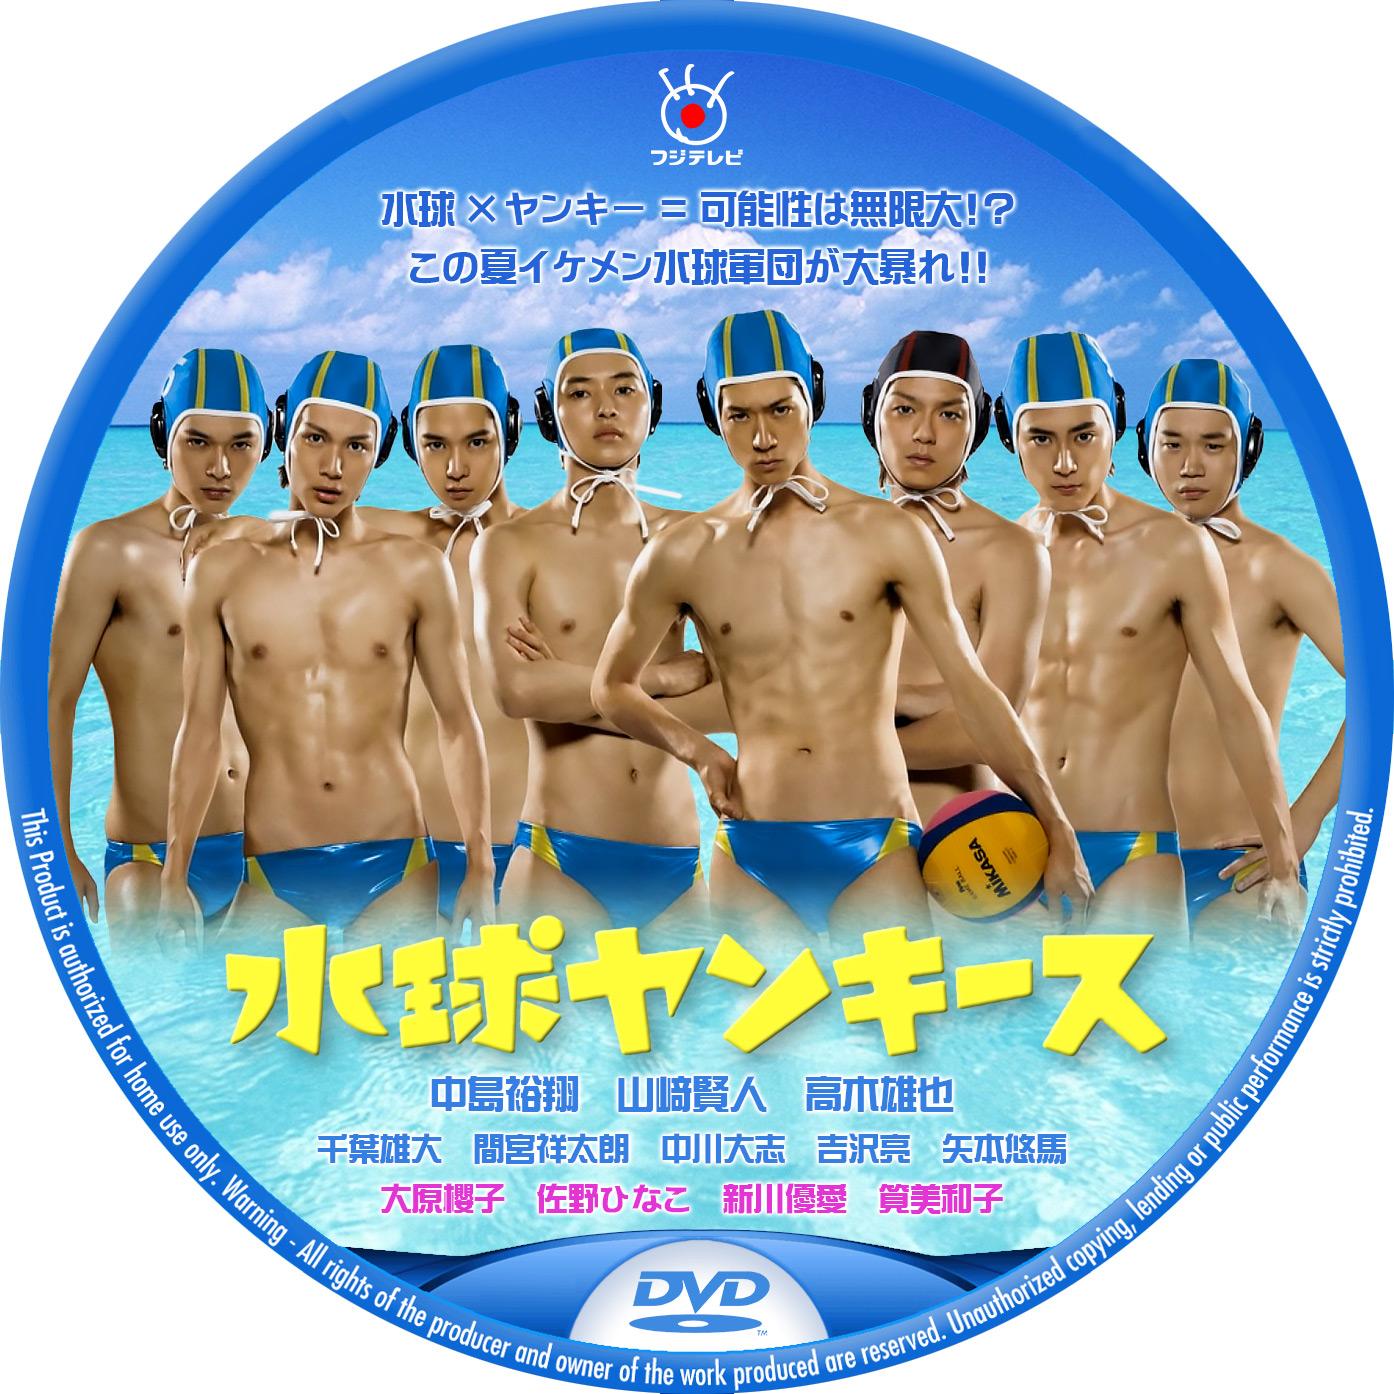 水球ヤンキース DVDラベル Hey! Say! JUMP